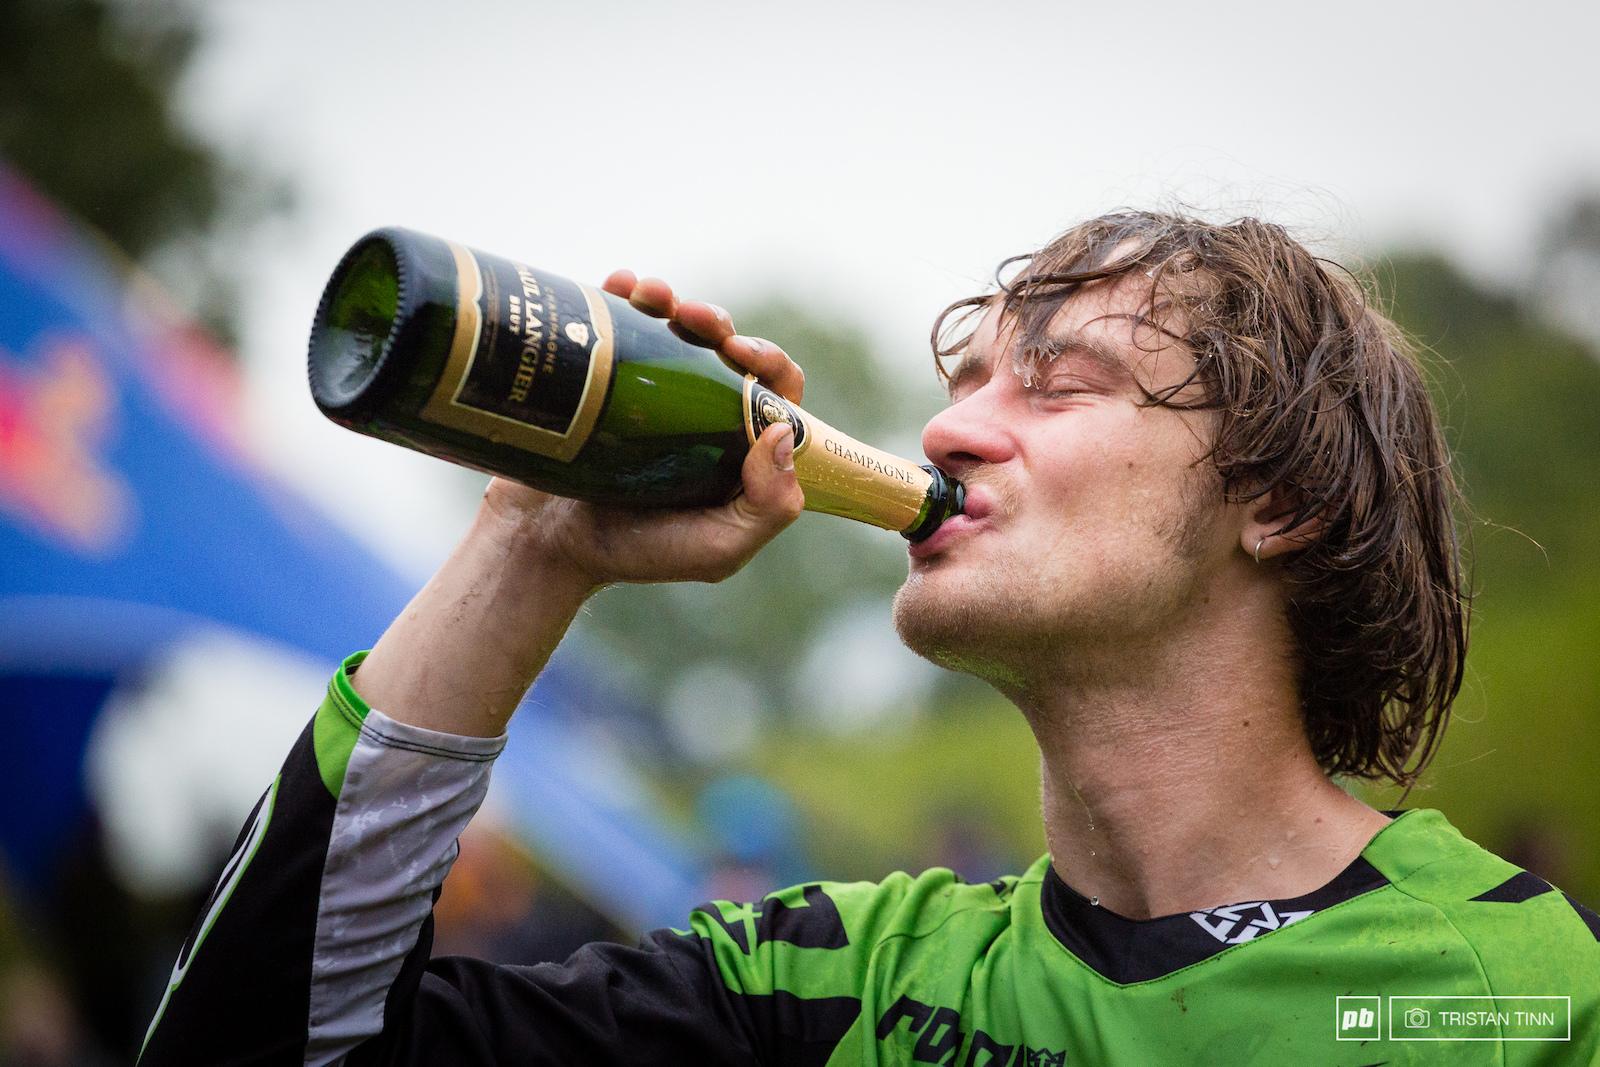 Craig enjoys the taste of victory